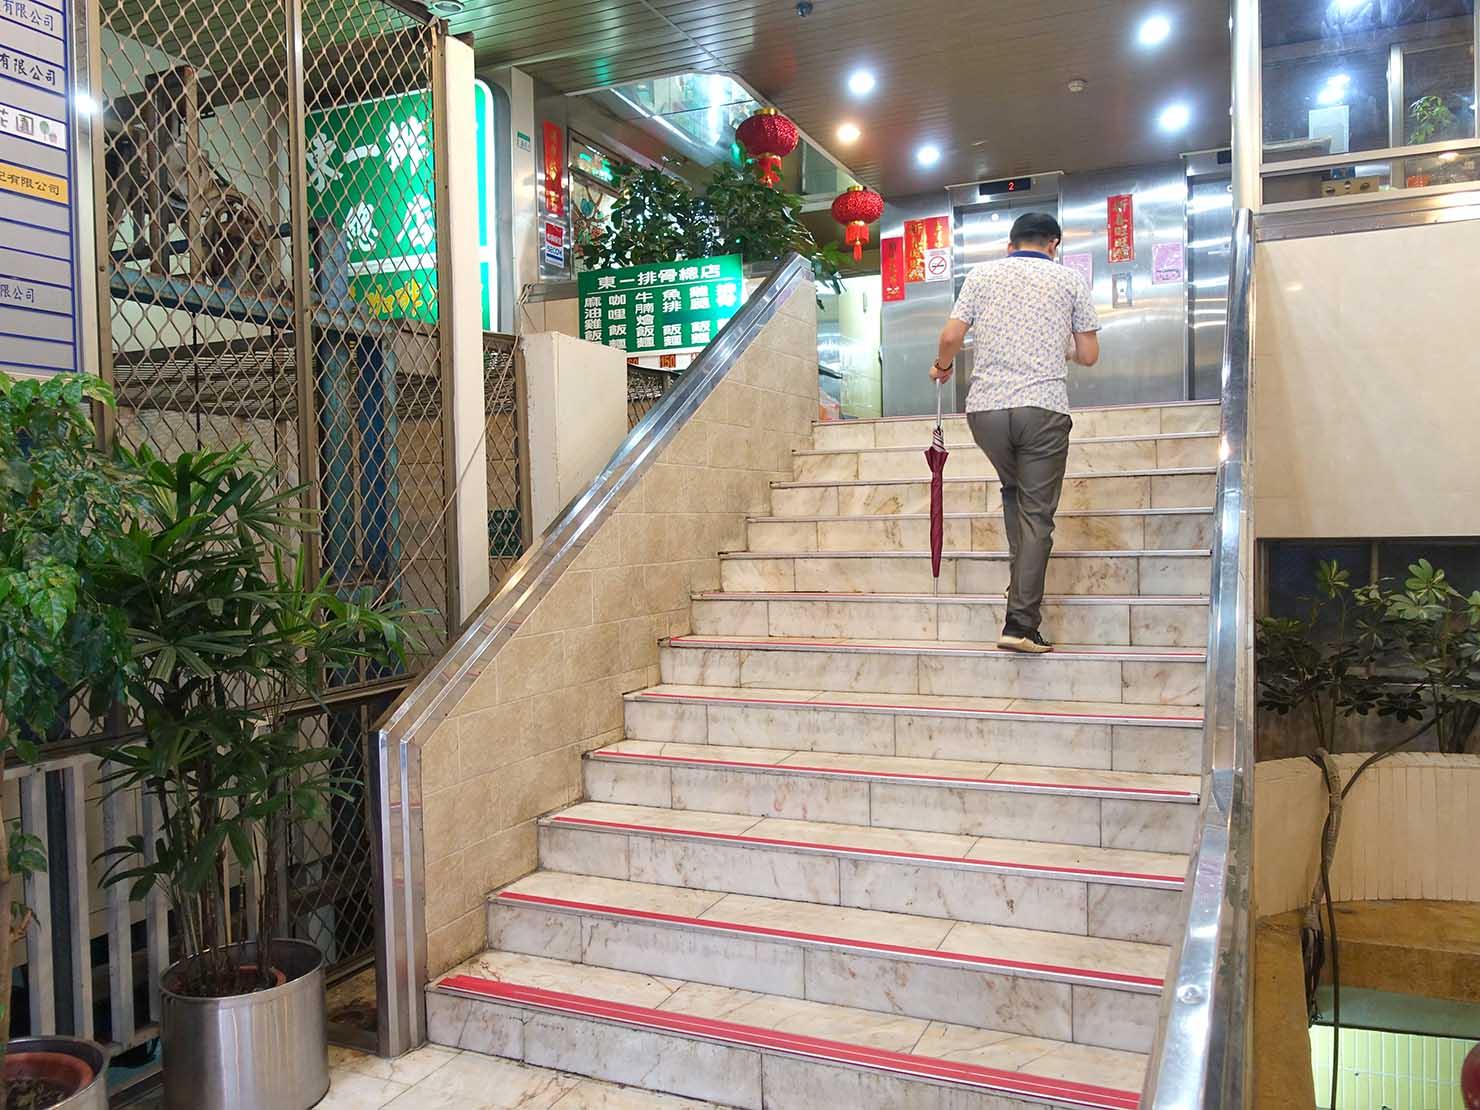 台北・西門町にある排骨飯の老舗「東一排骨總店」エントランスの階段